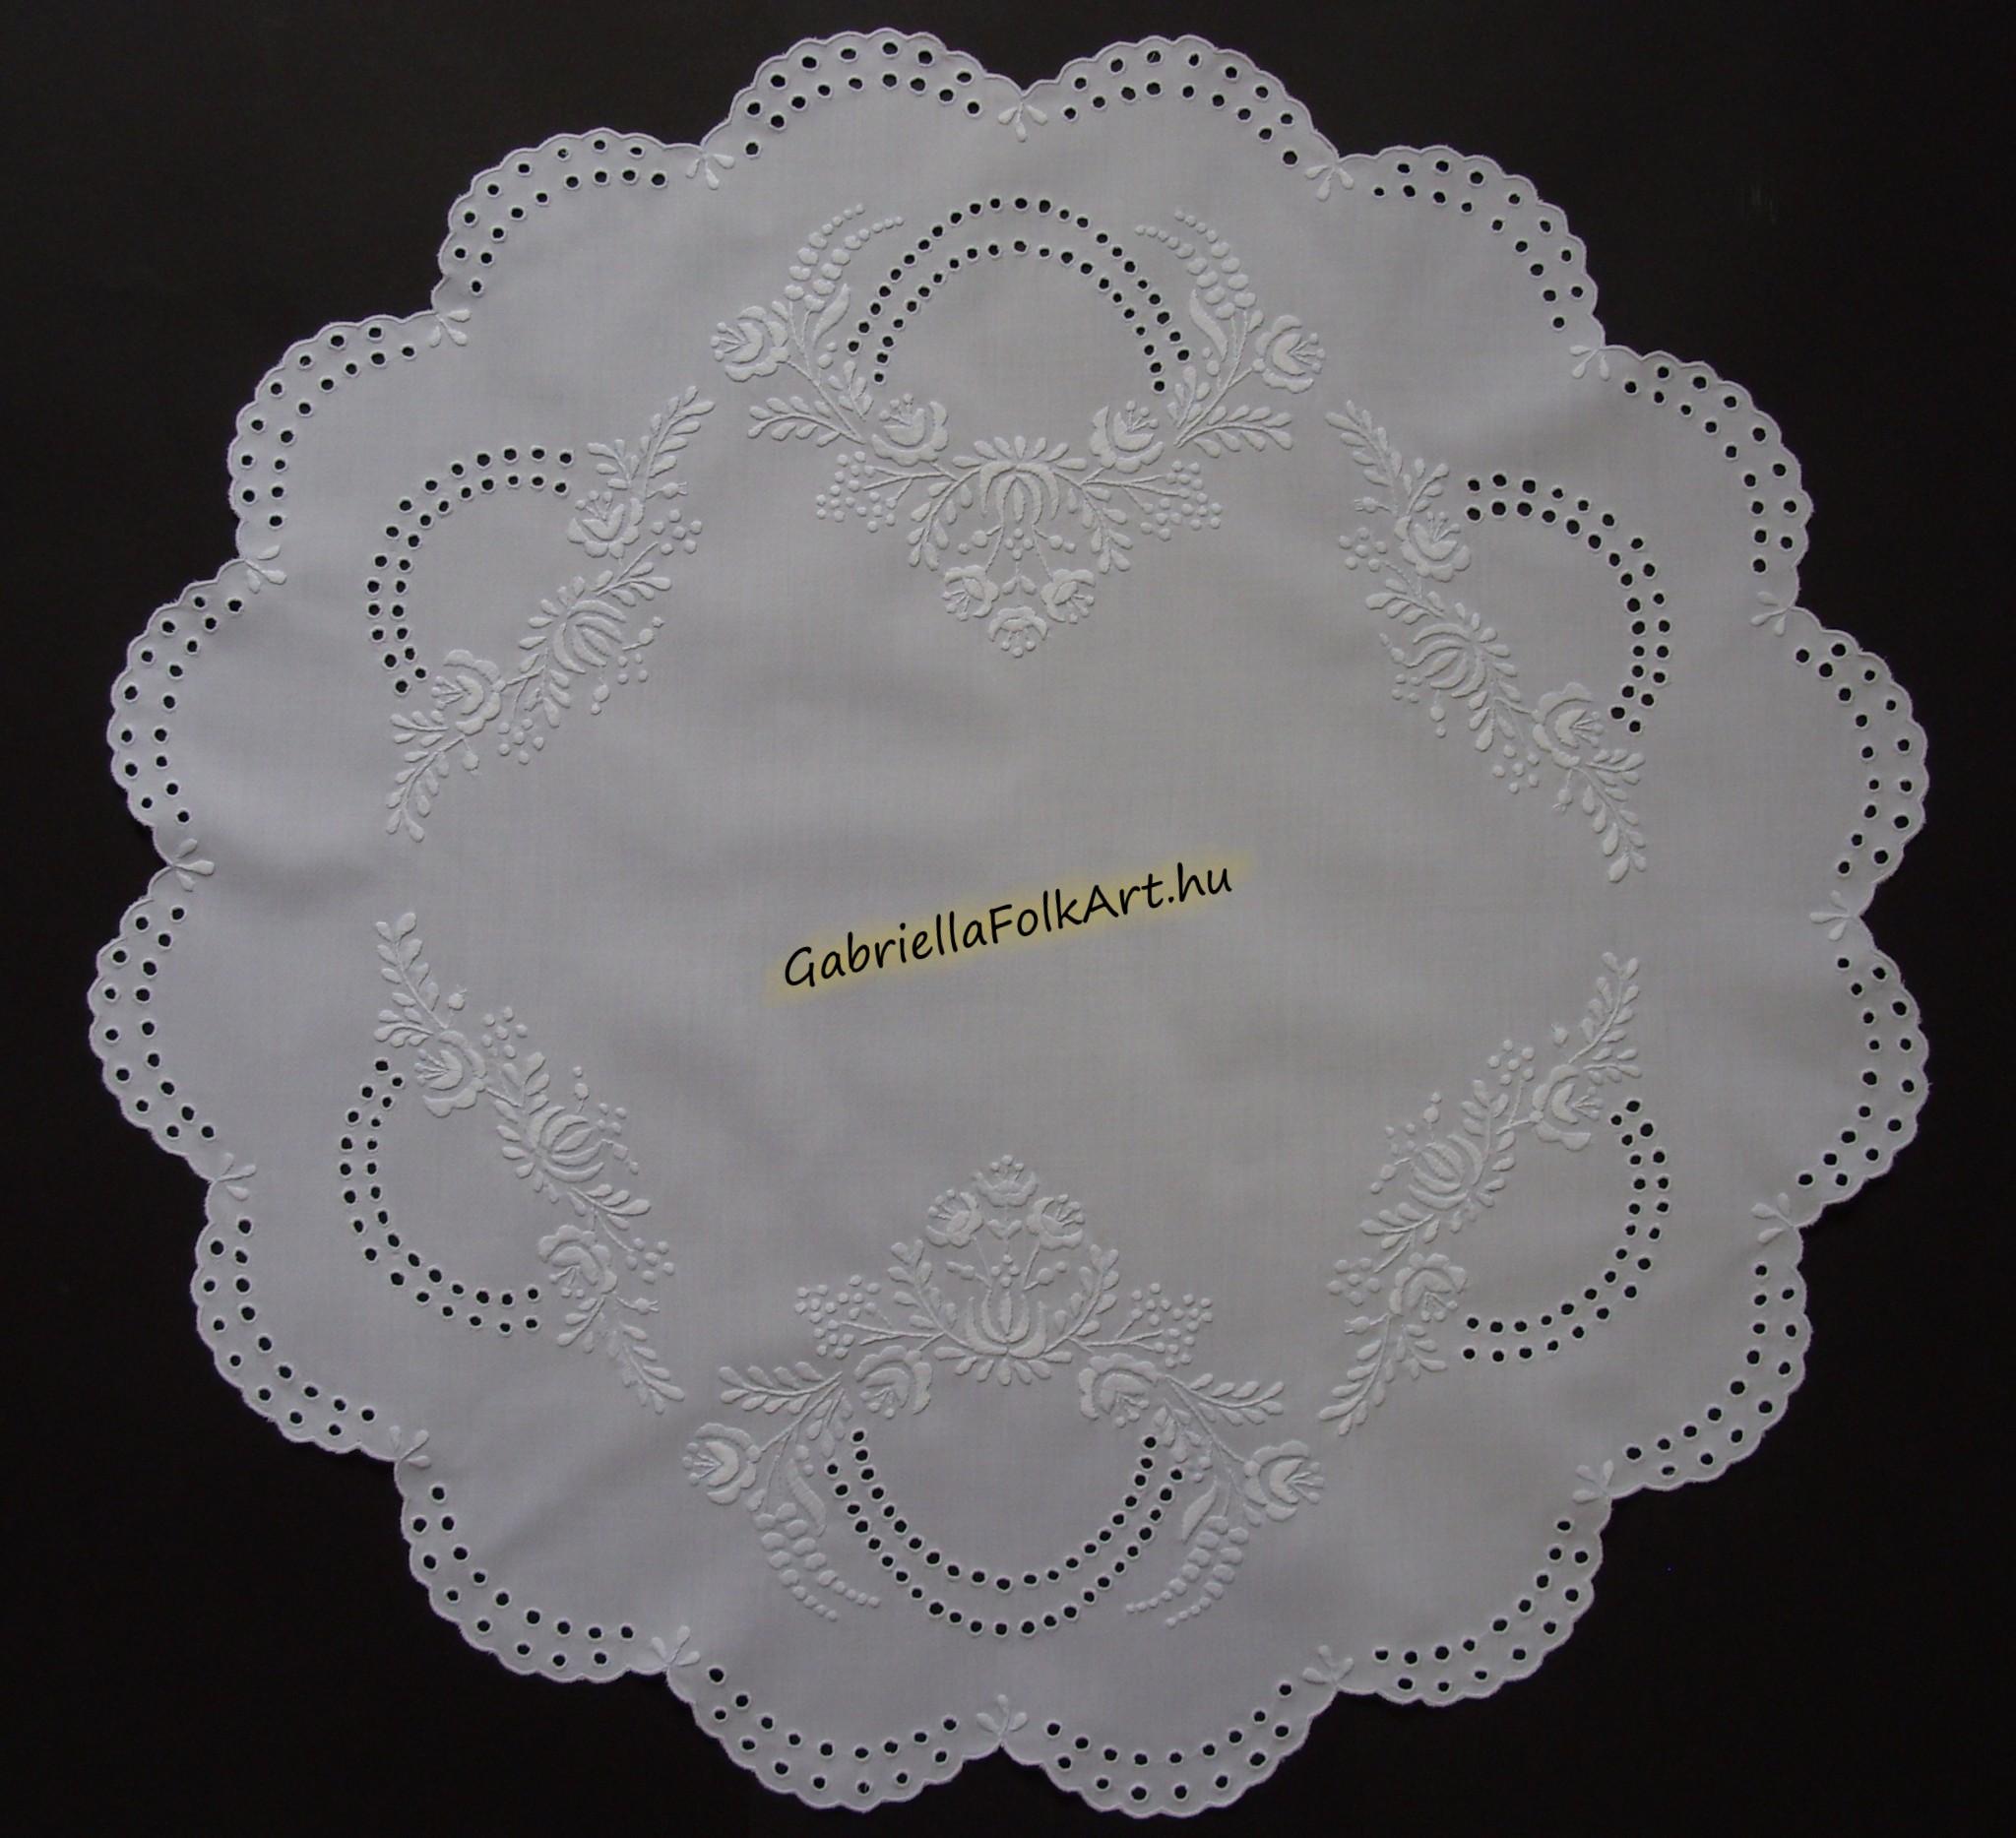 d1c67ff1f7 Fehér,Bordó,Ó-arannyal hímzett terítők | GabriellaFolkArt